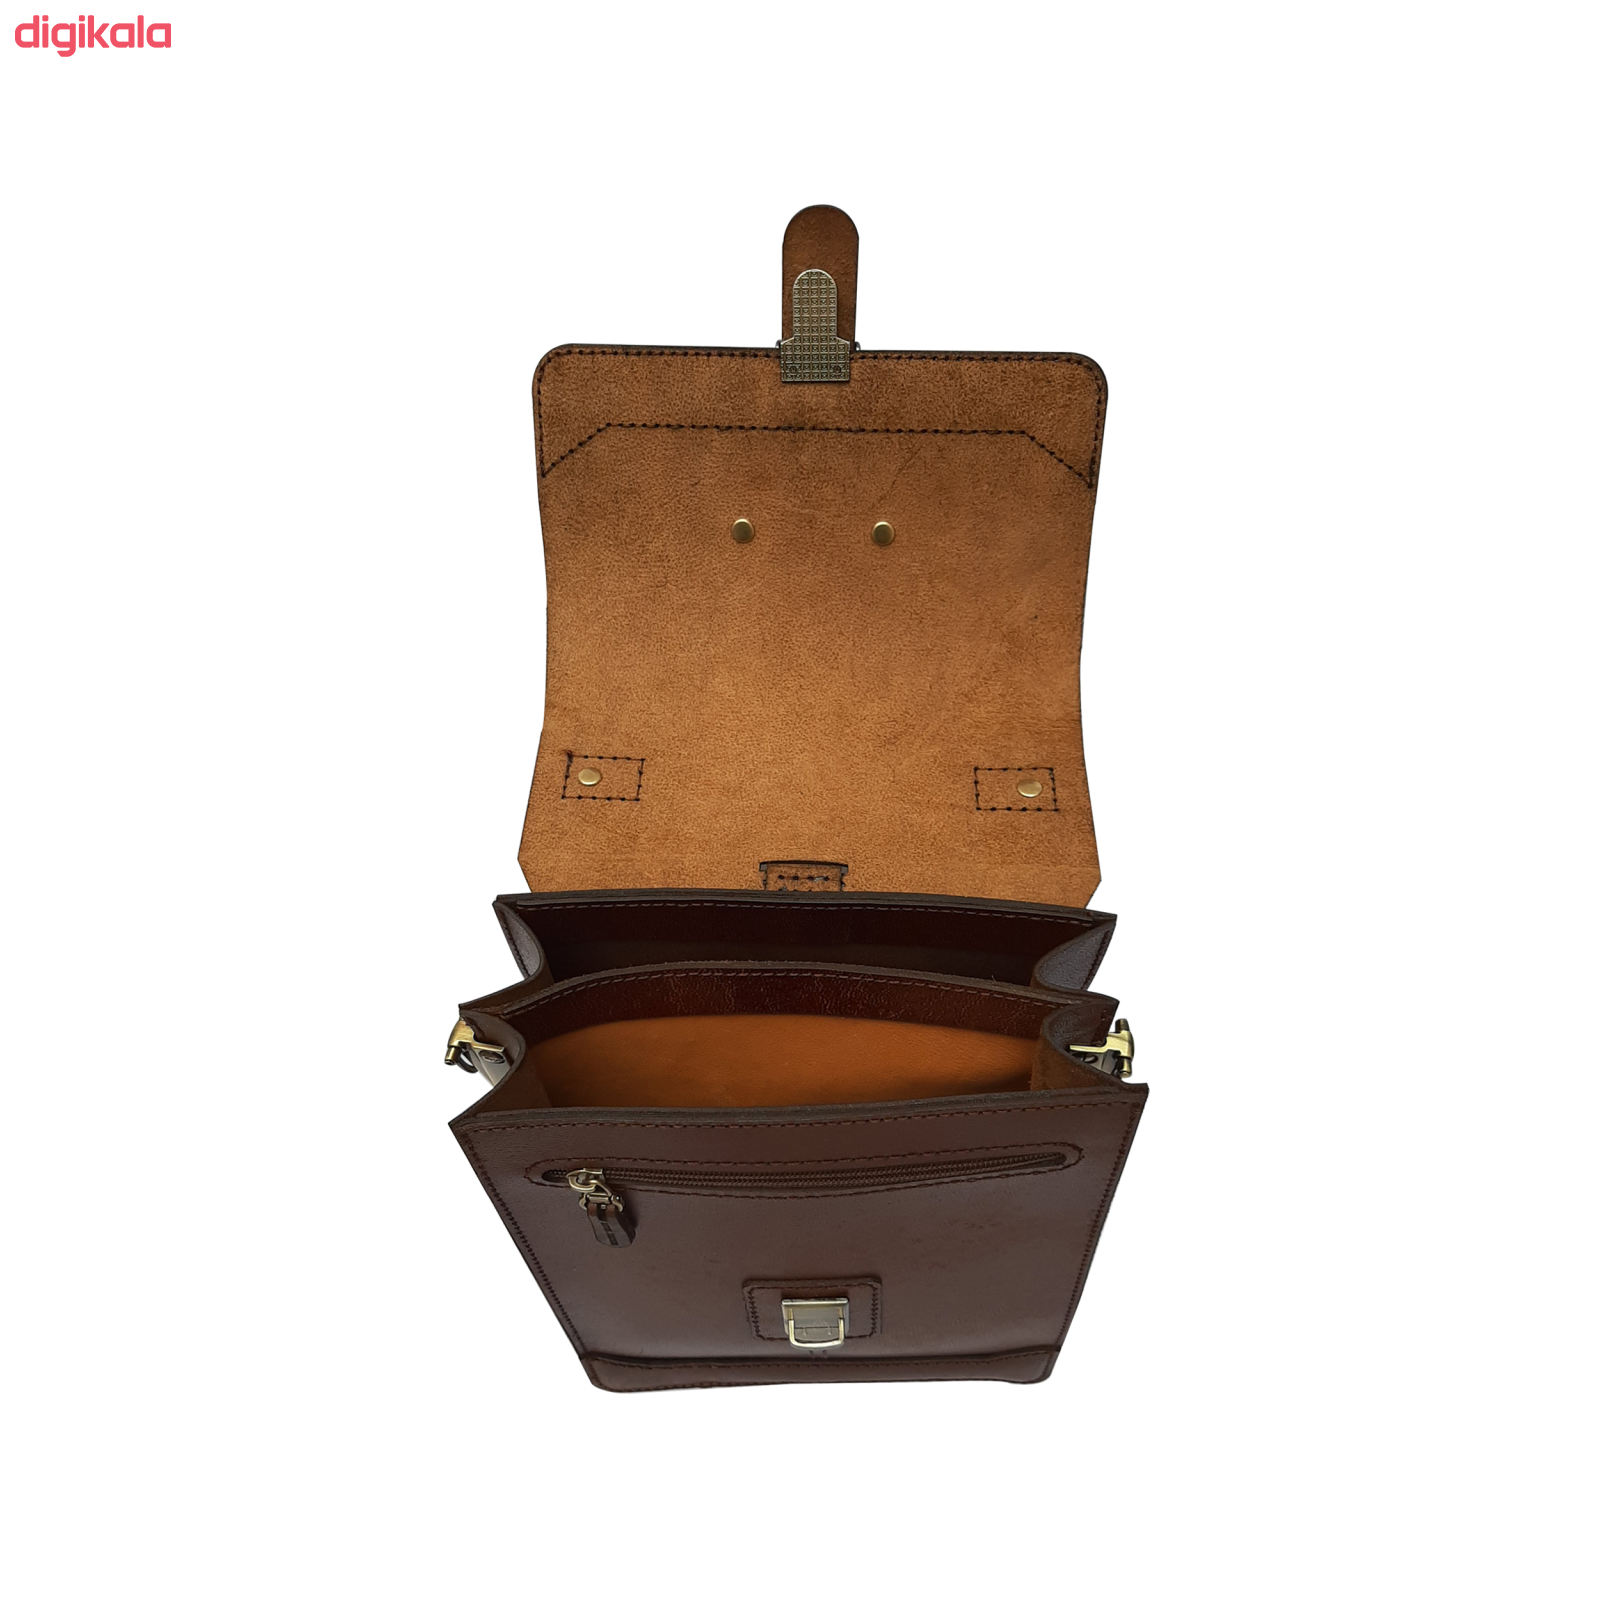 کیف دوشی مردانه چرم روژه مدل ES01A main 1 5